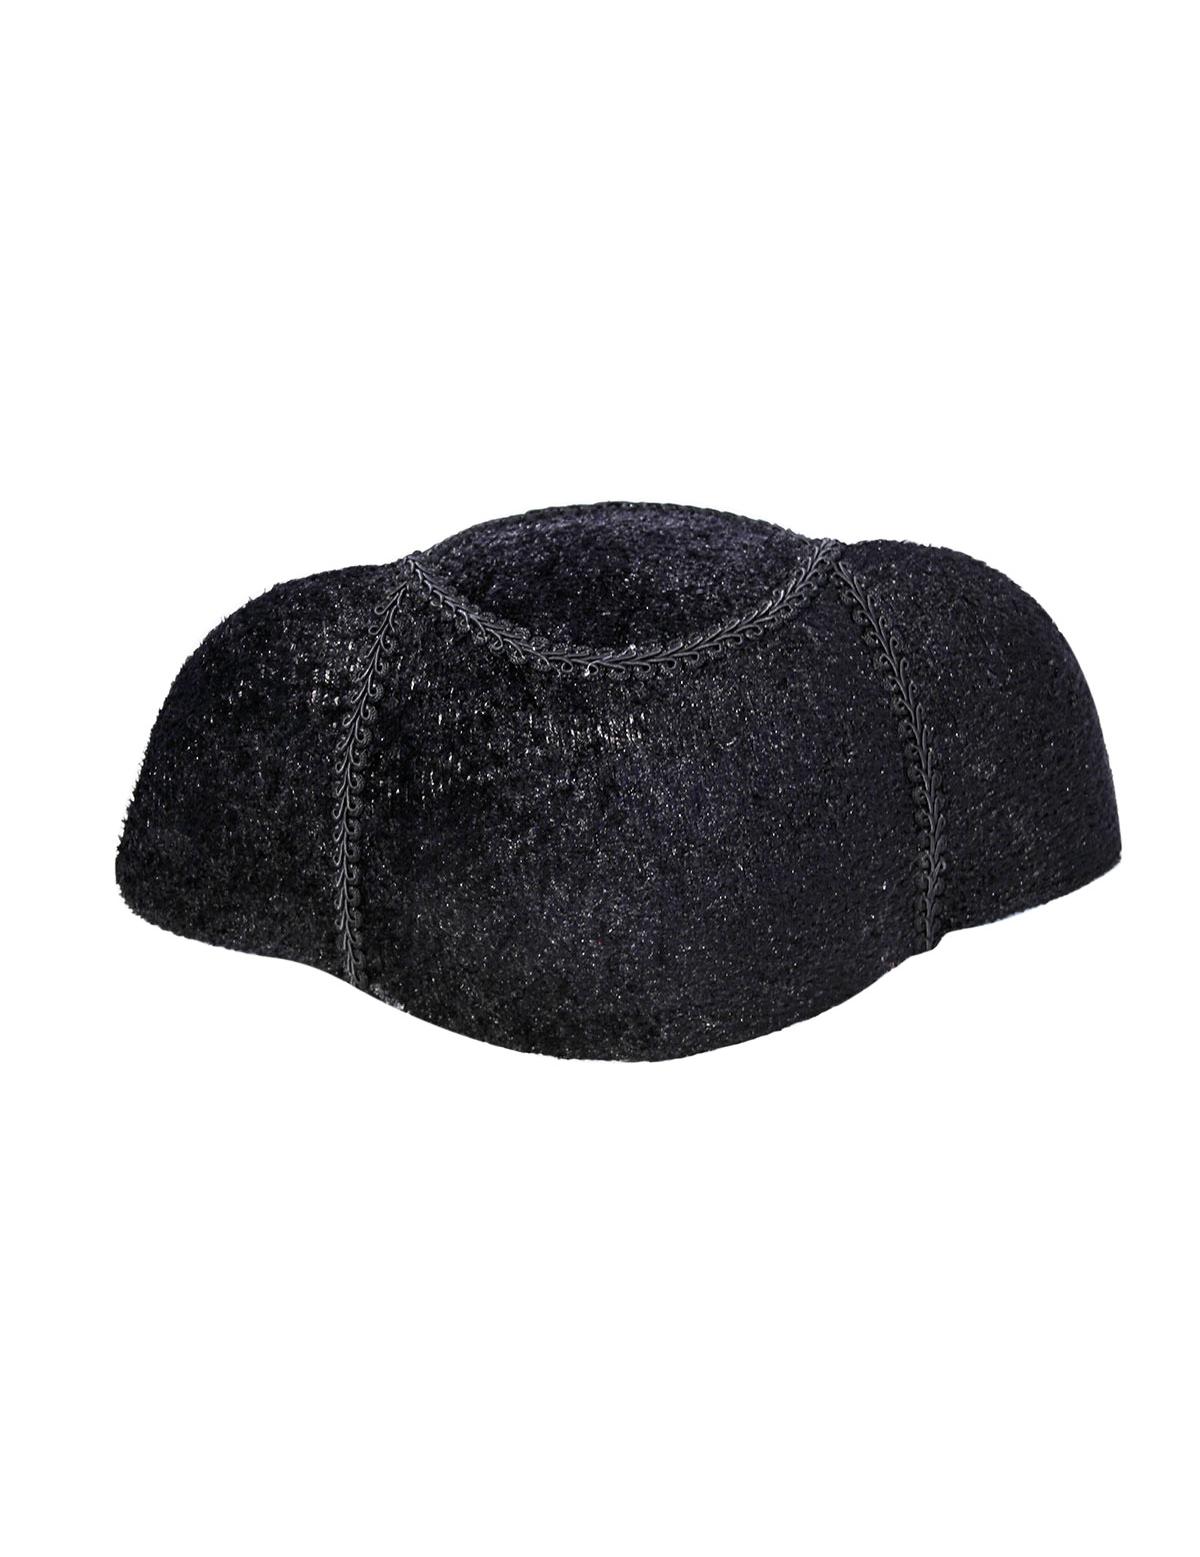 Accessorio per travestimento da torero  cappello tipico 07d57135b841